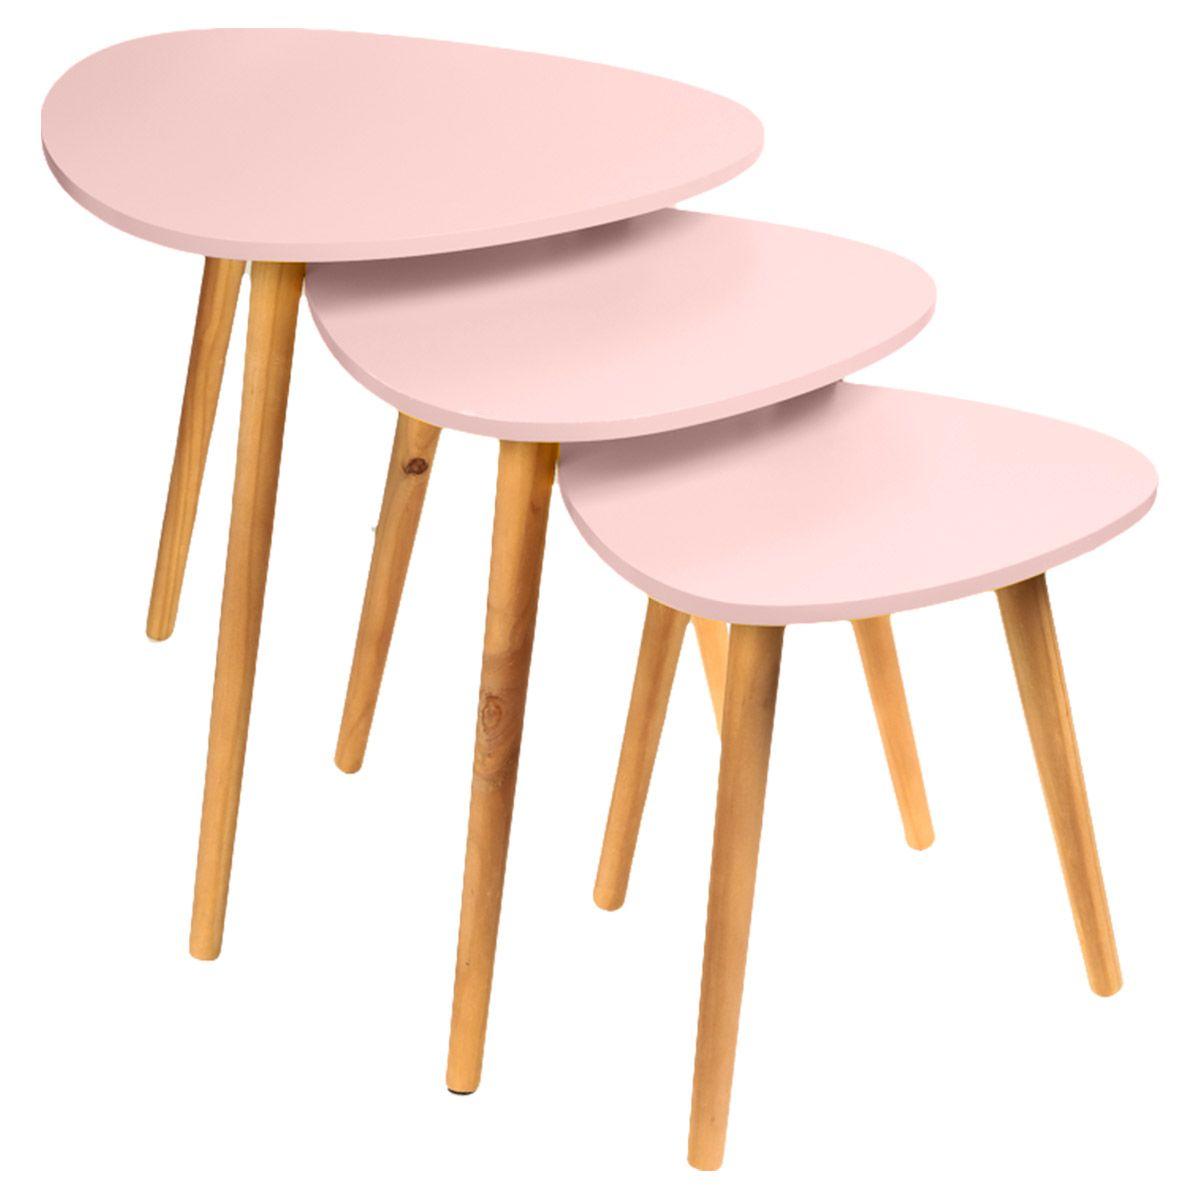 3 Tables Basses Roses Semi Gigognes Hauteurs 36 5 42 5 Et 48 Cm Table Basse Table Et Chaises Mobilier De Salon